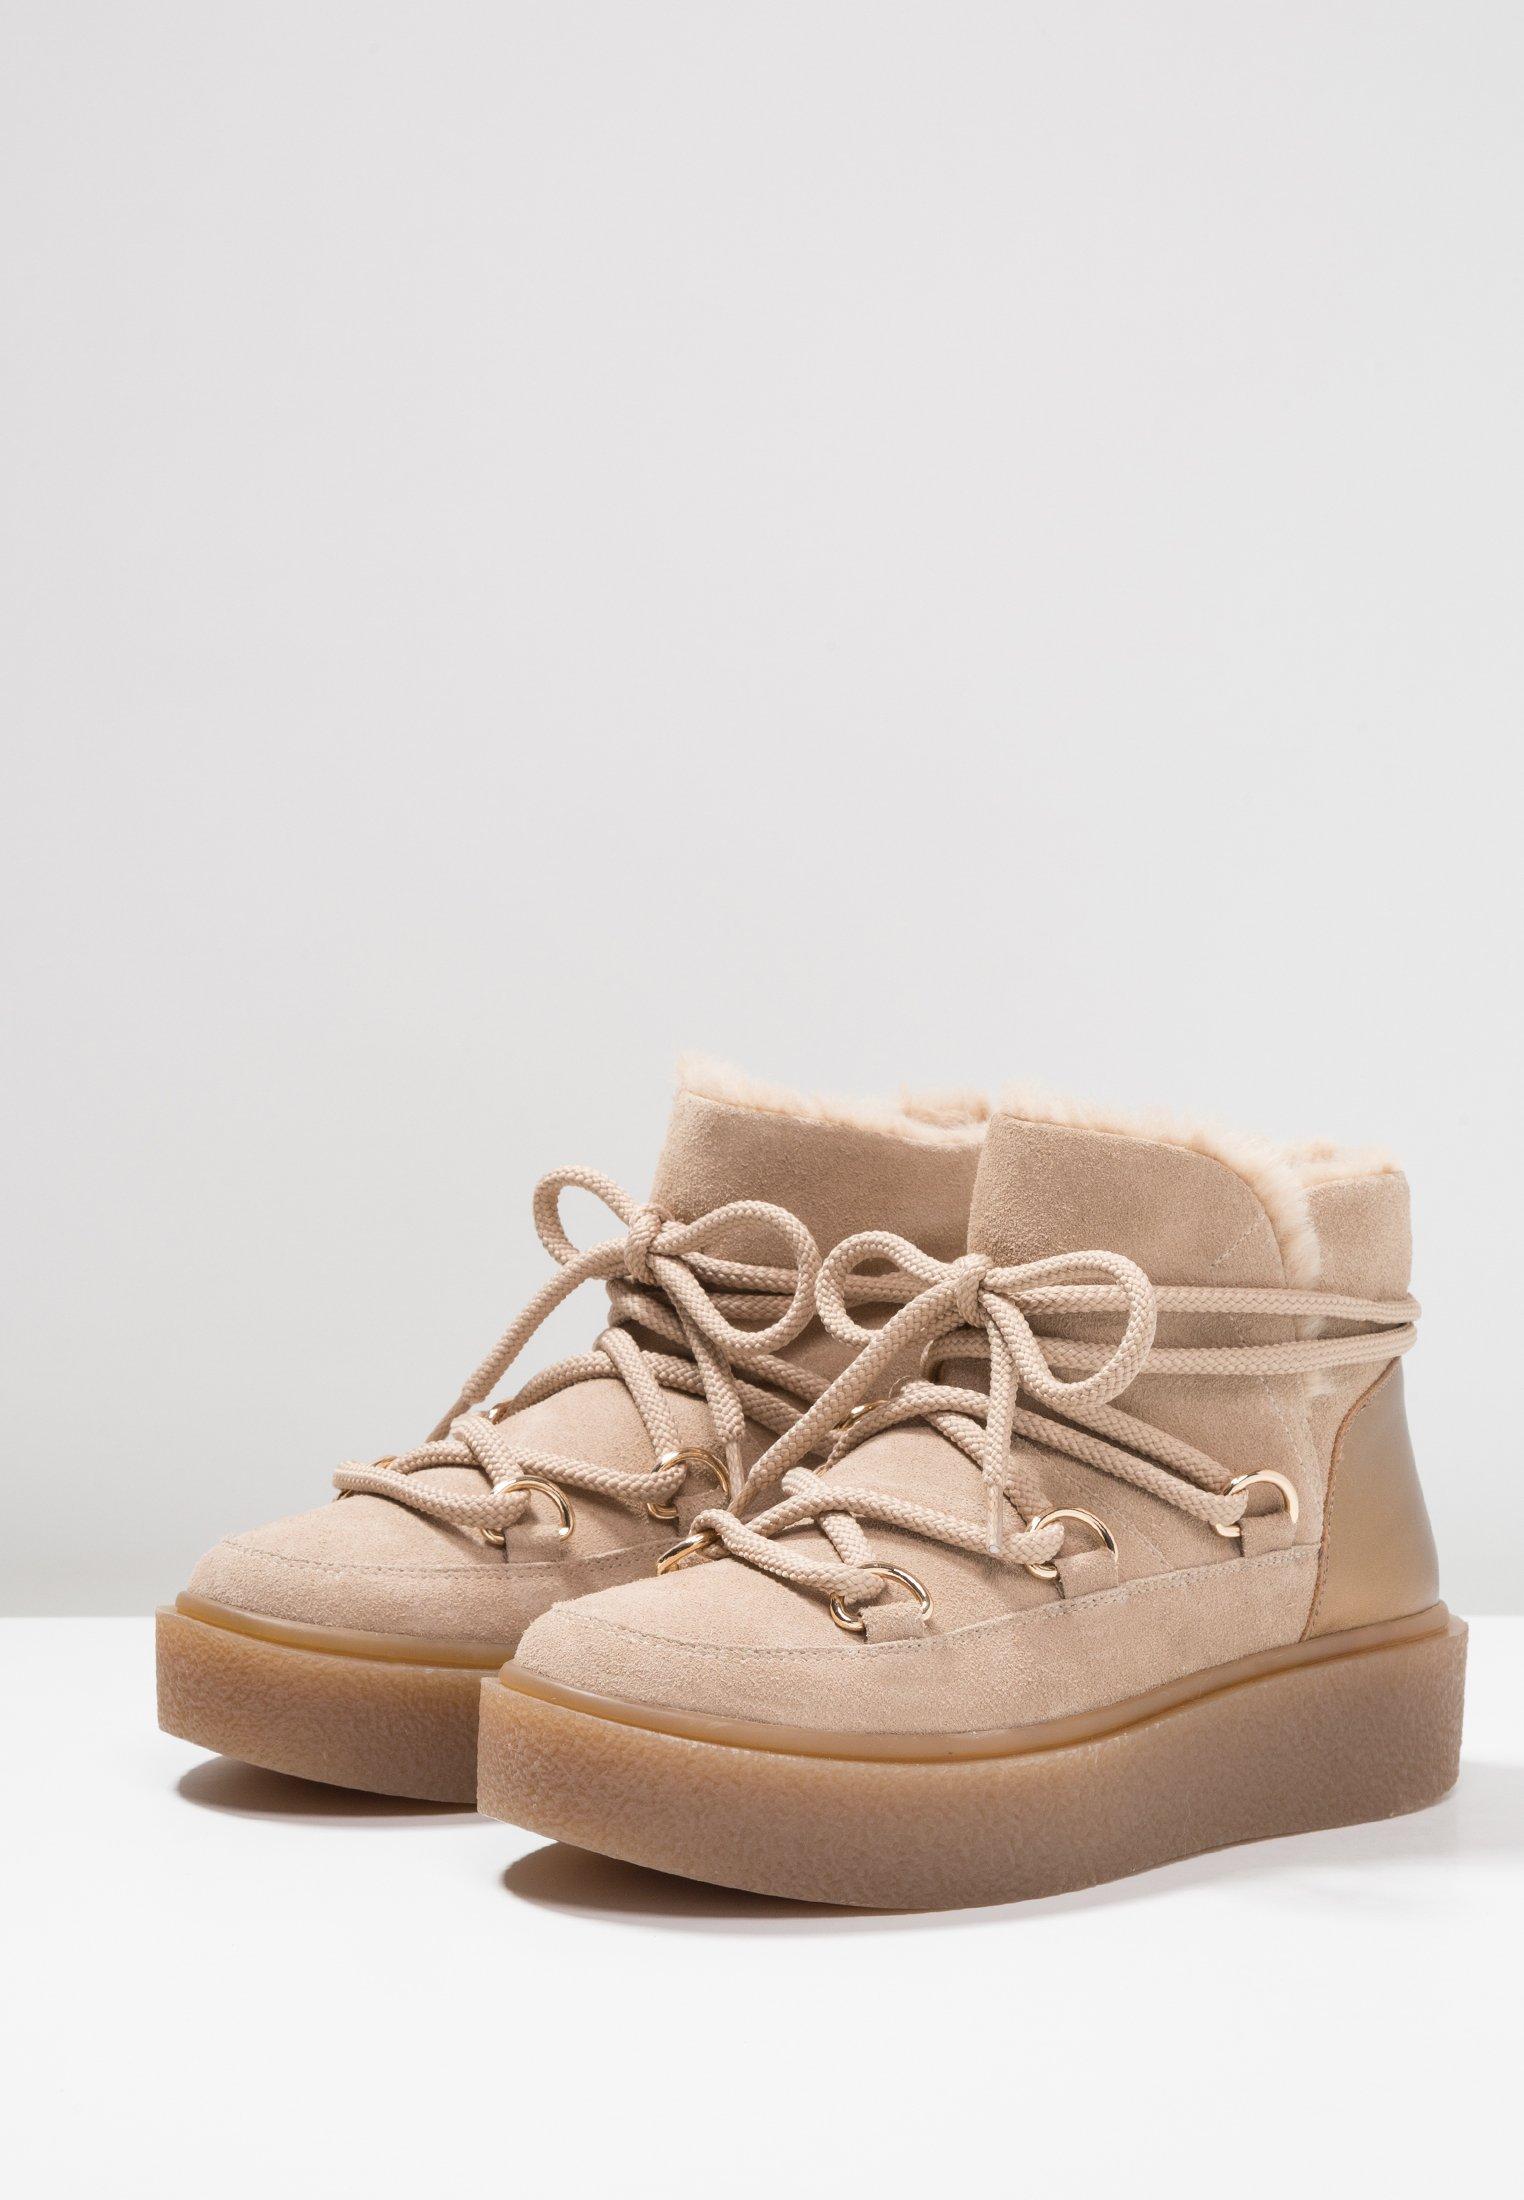 Boots Boots Modd Studio TalonsBeige À Modd À Studio TlFKJc3u1